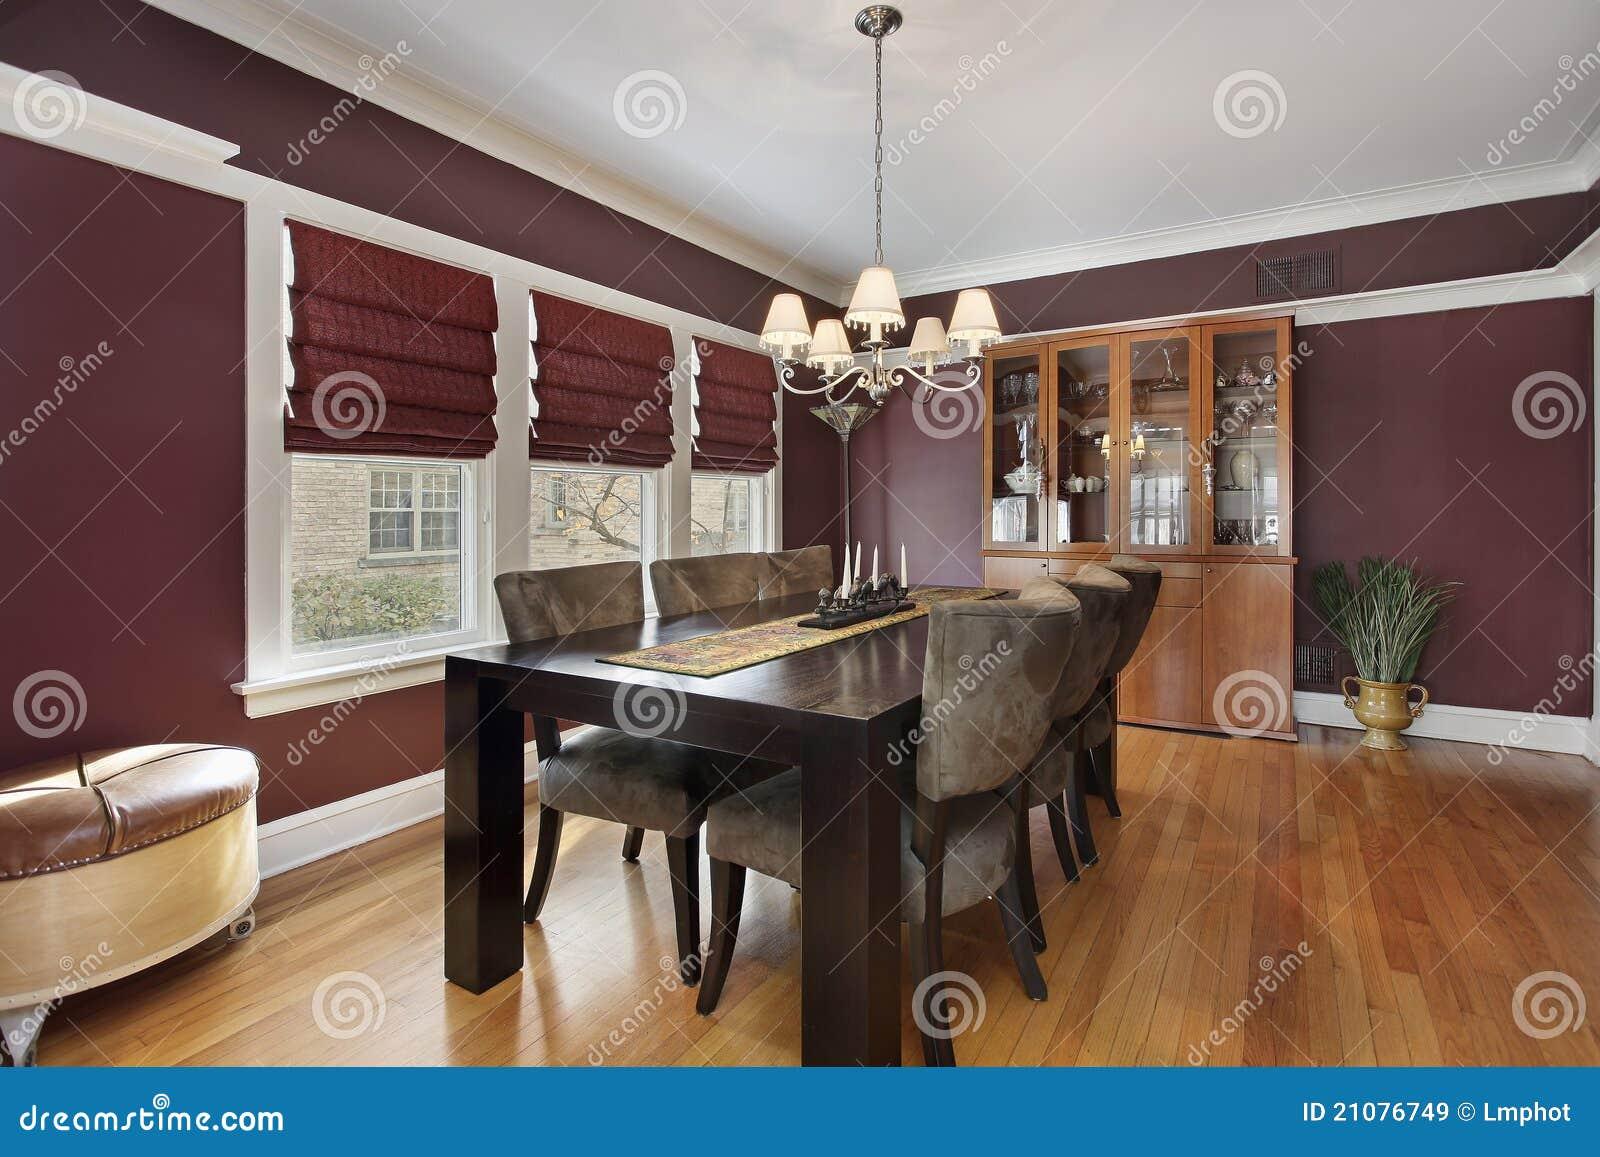 Salle a manger beige clair: salle a manger complete contemporaine ...